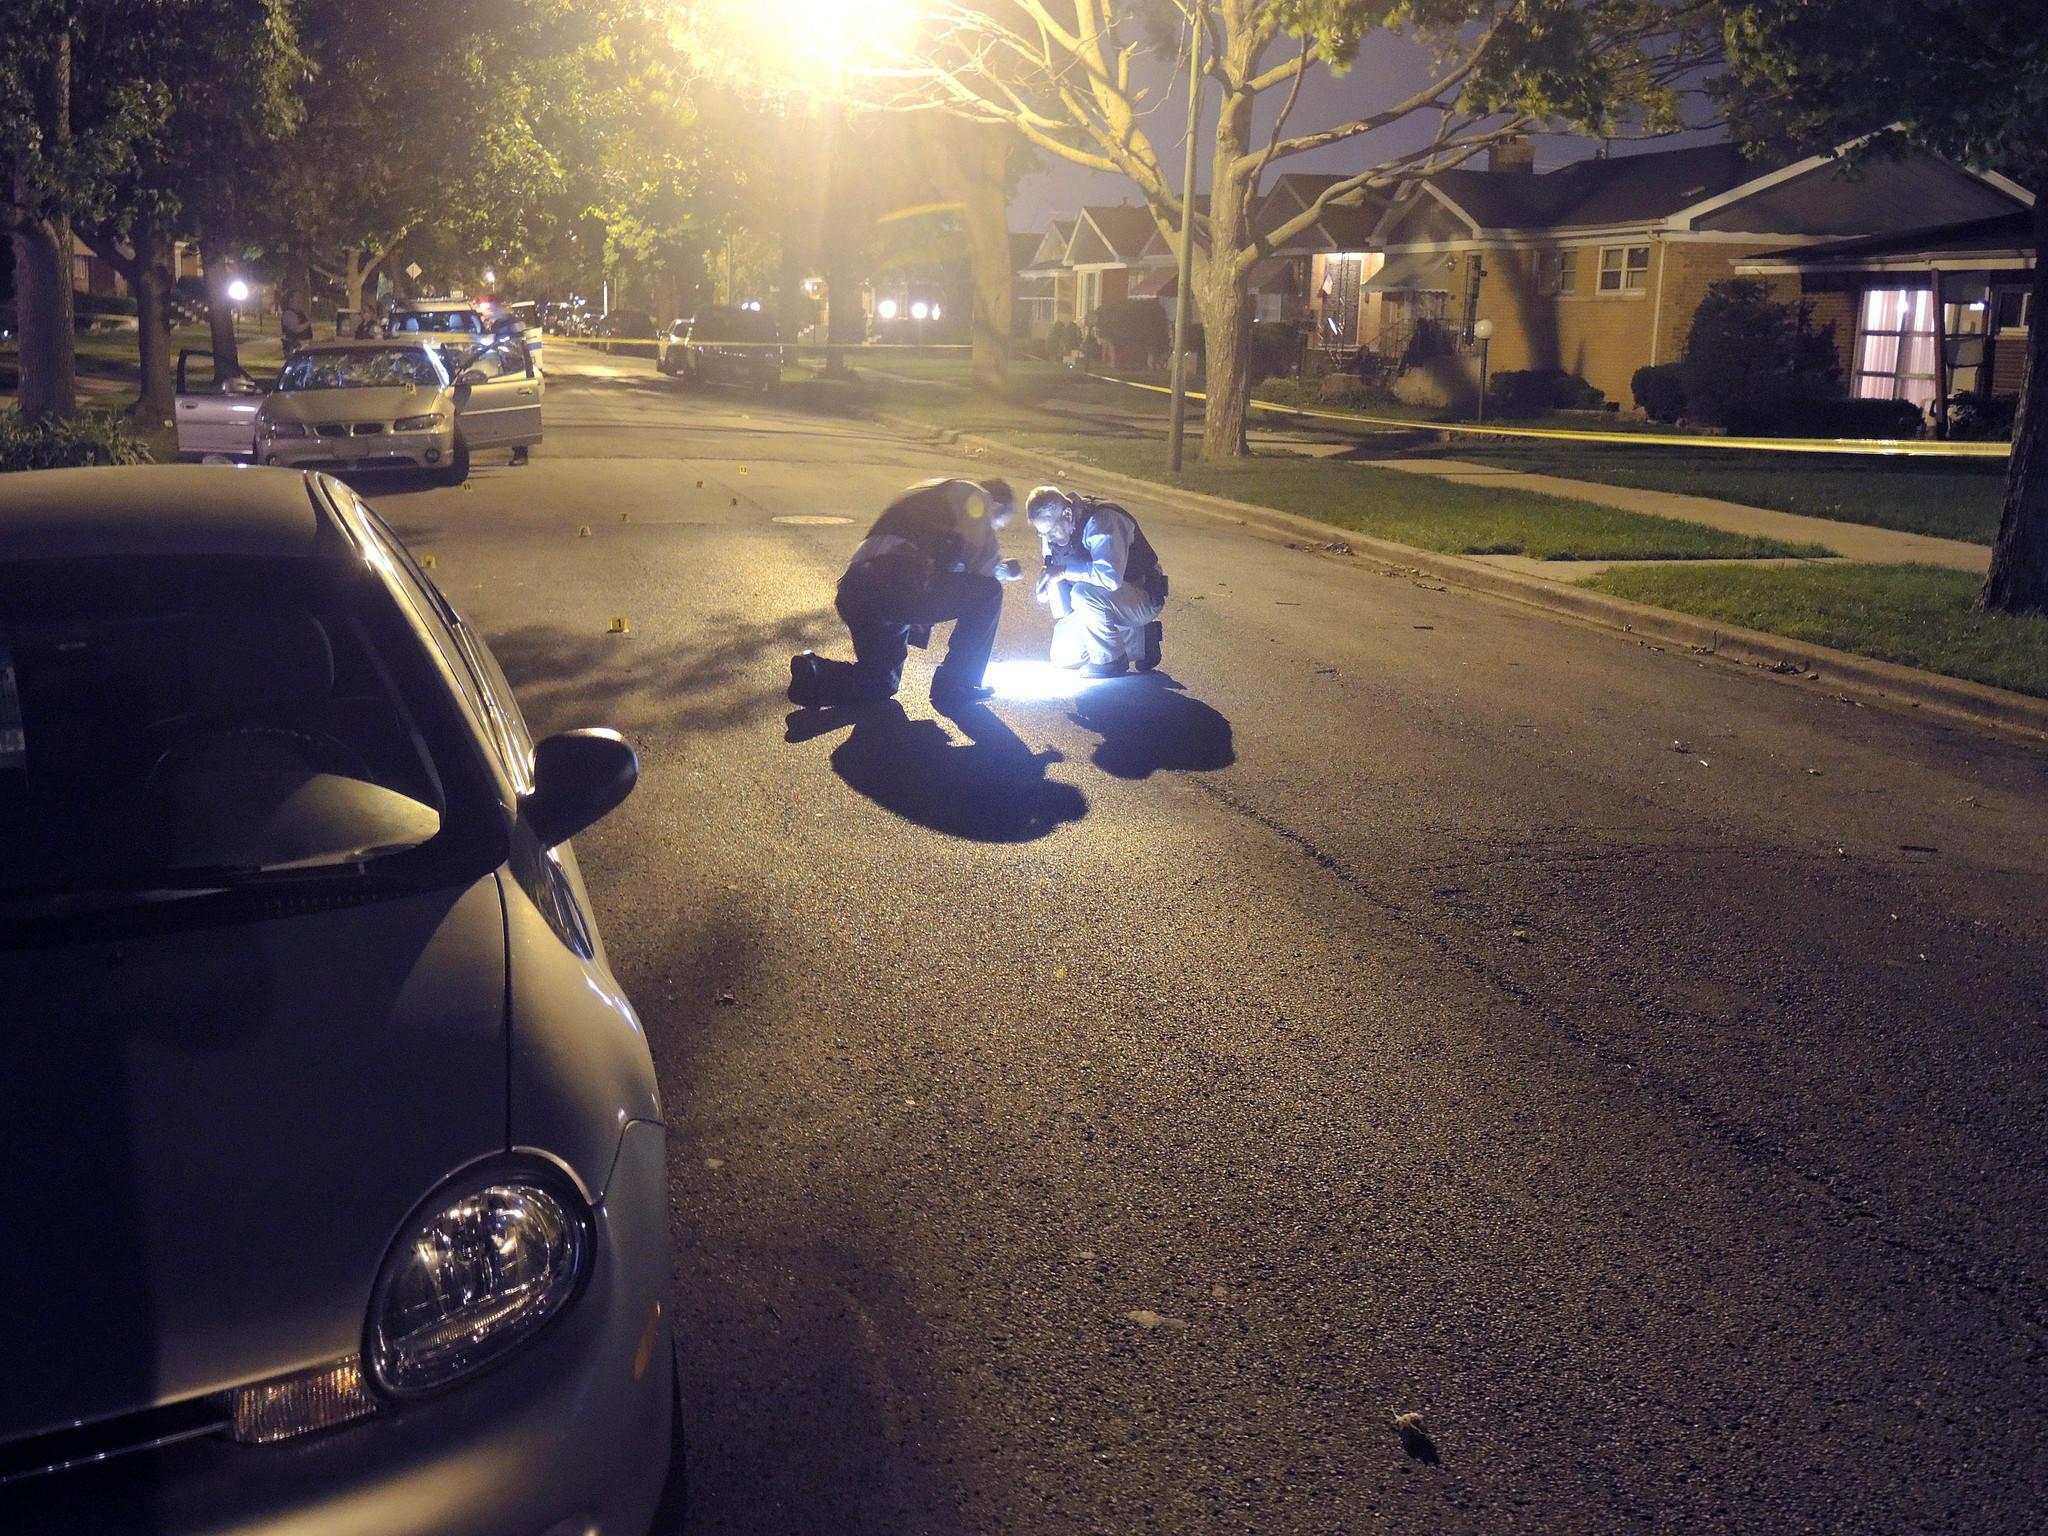 Police investigate the scene of a homicide in July. Adam Sege/Chicago Tribune